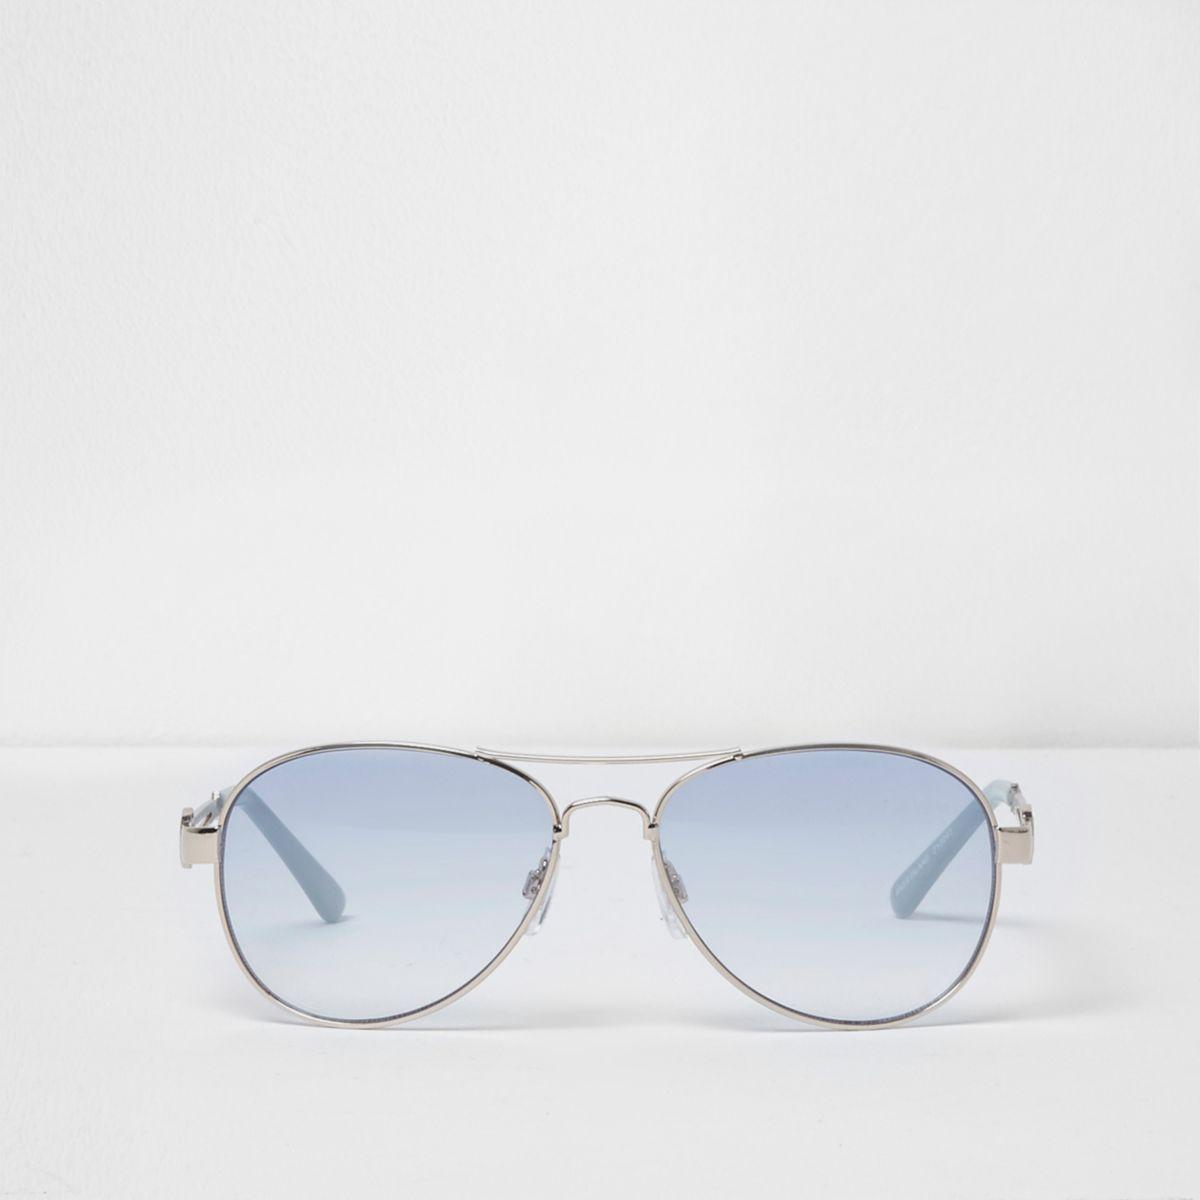 Silver tone blue lens aviator sunglasses